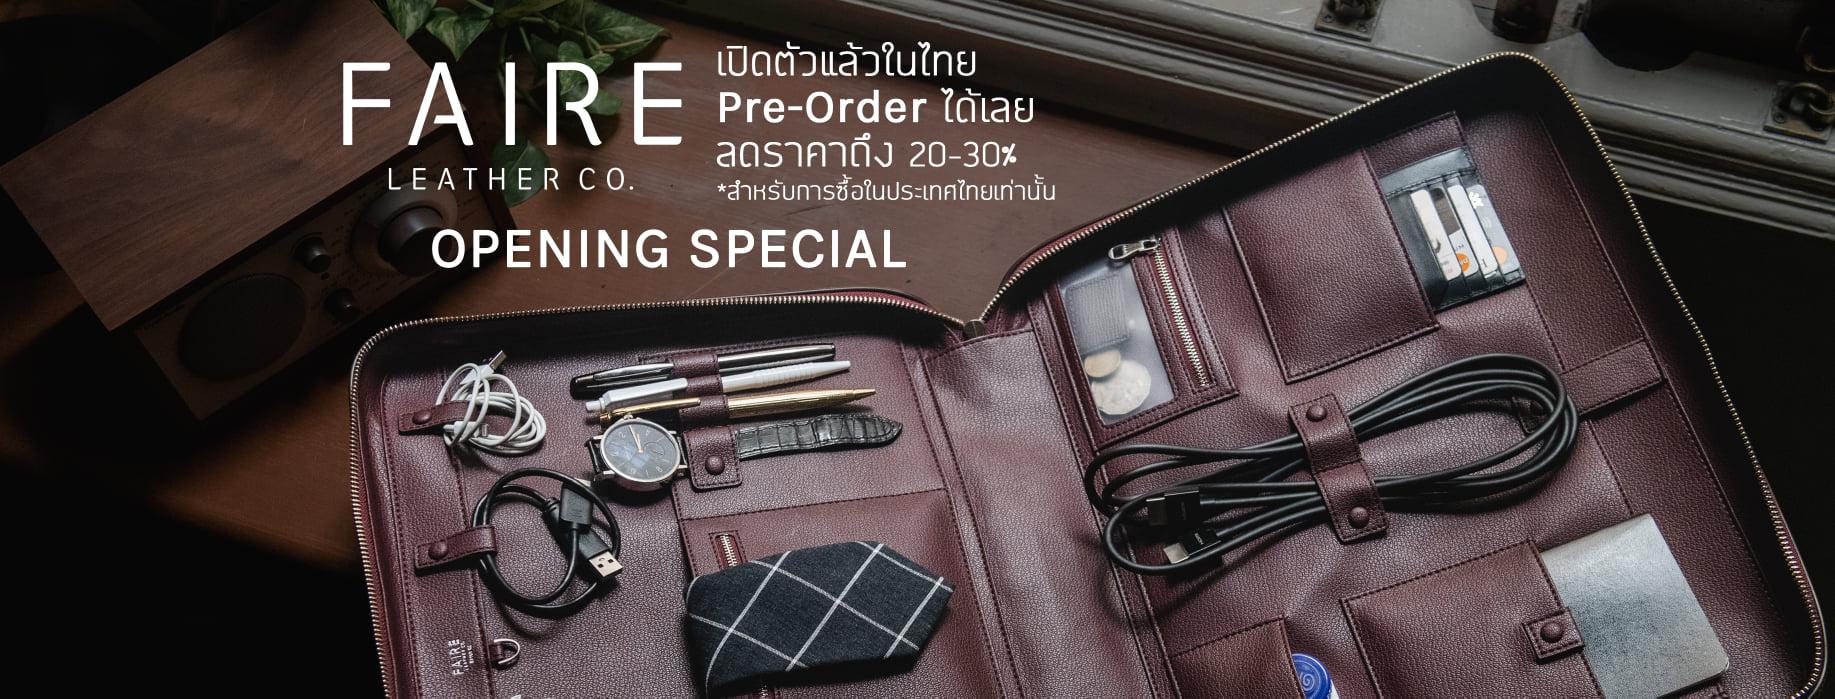 Faire กระเป๋าหนังนำเข้า ลดสูงสุด 30% จัดส่งฟรี